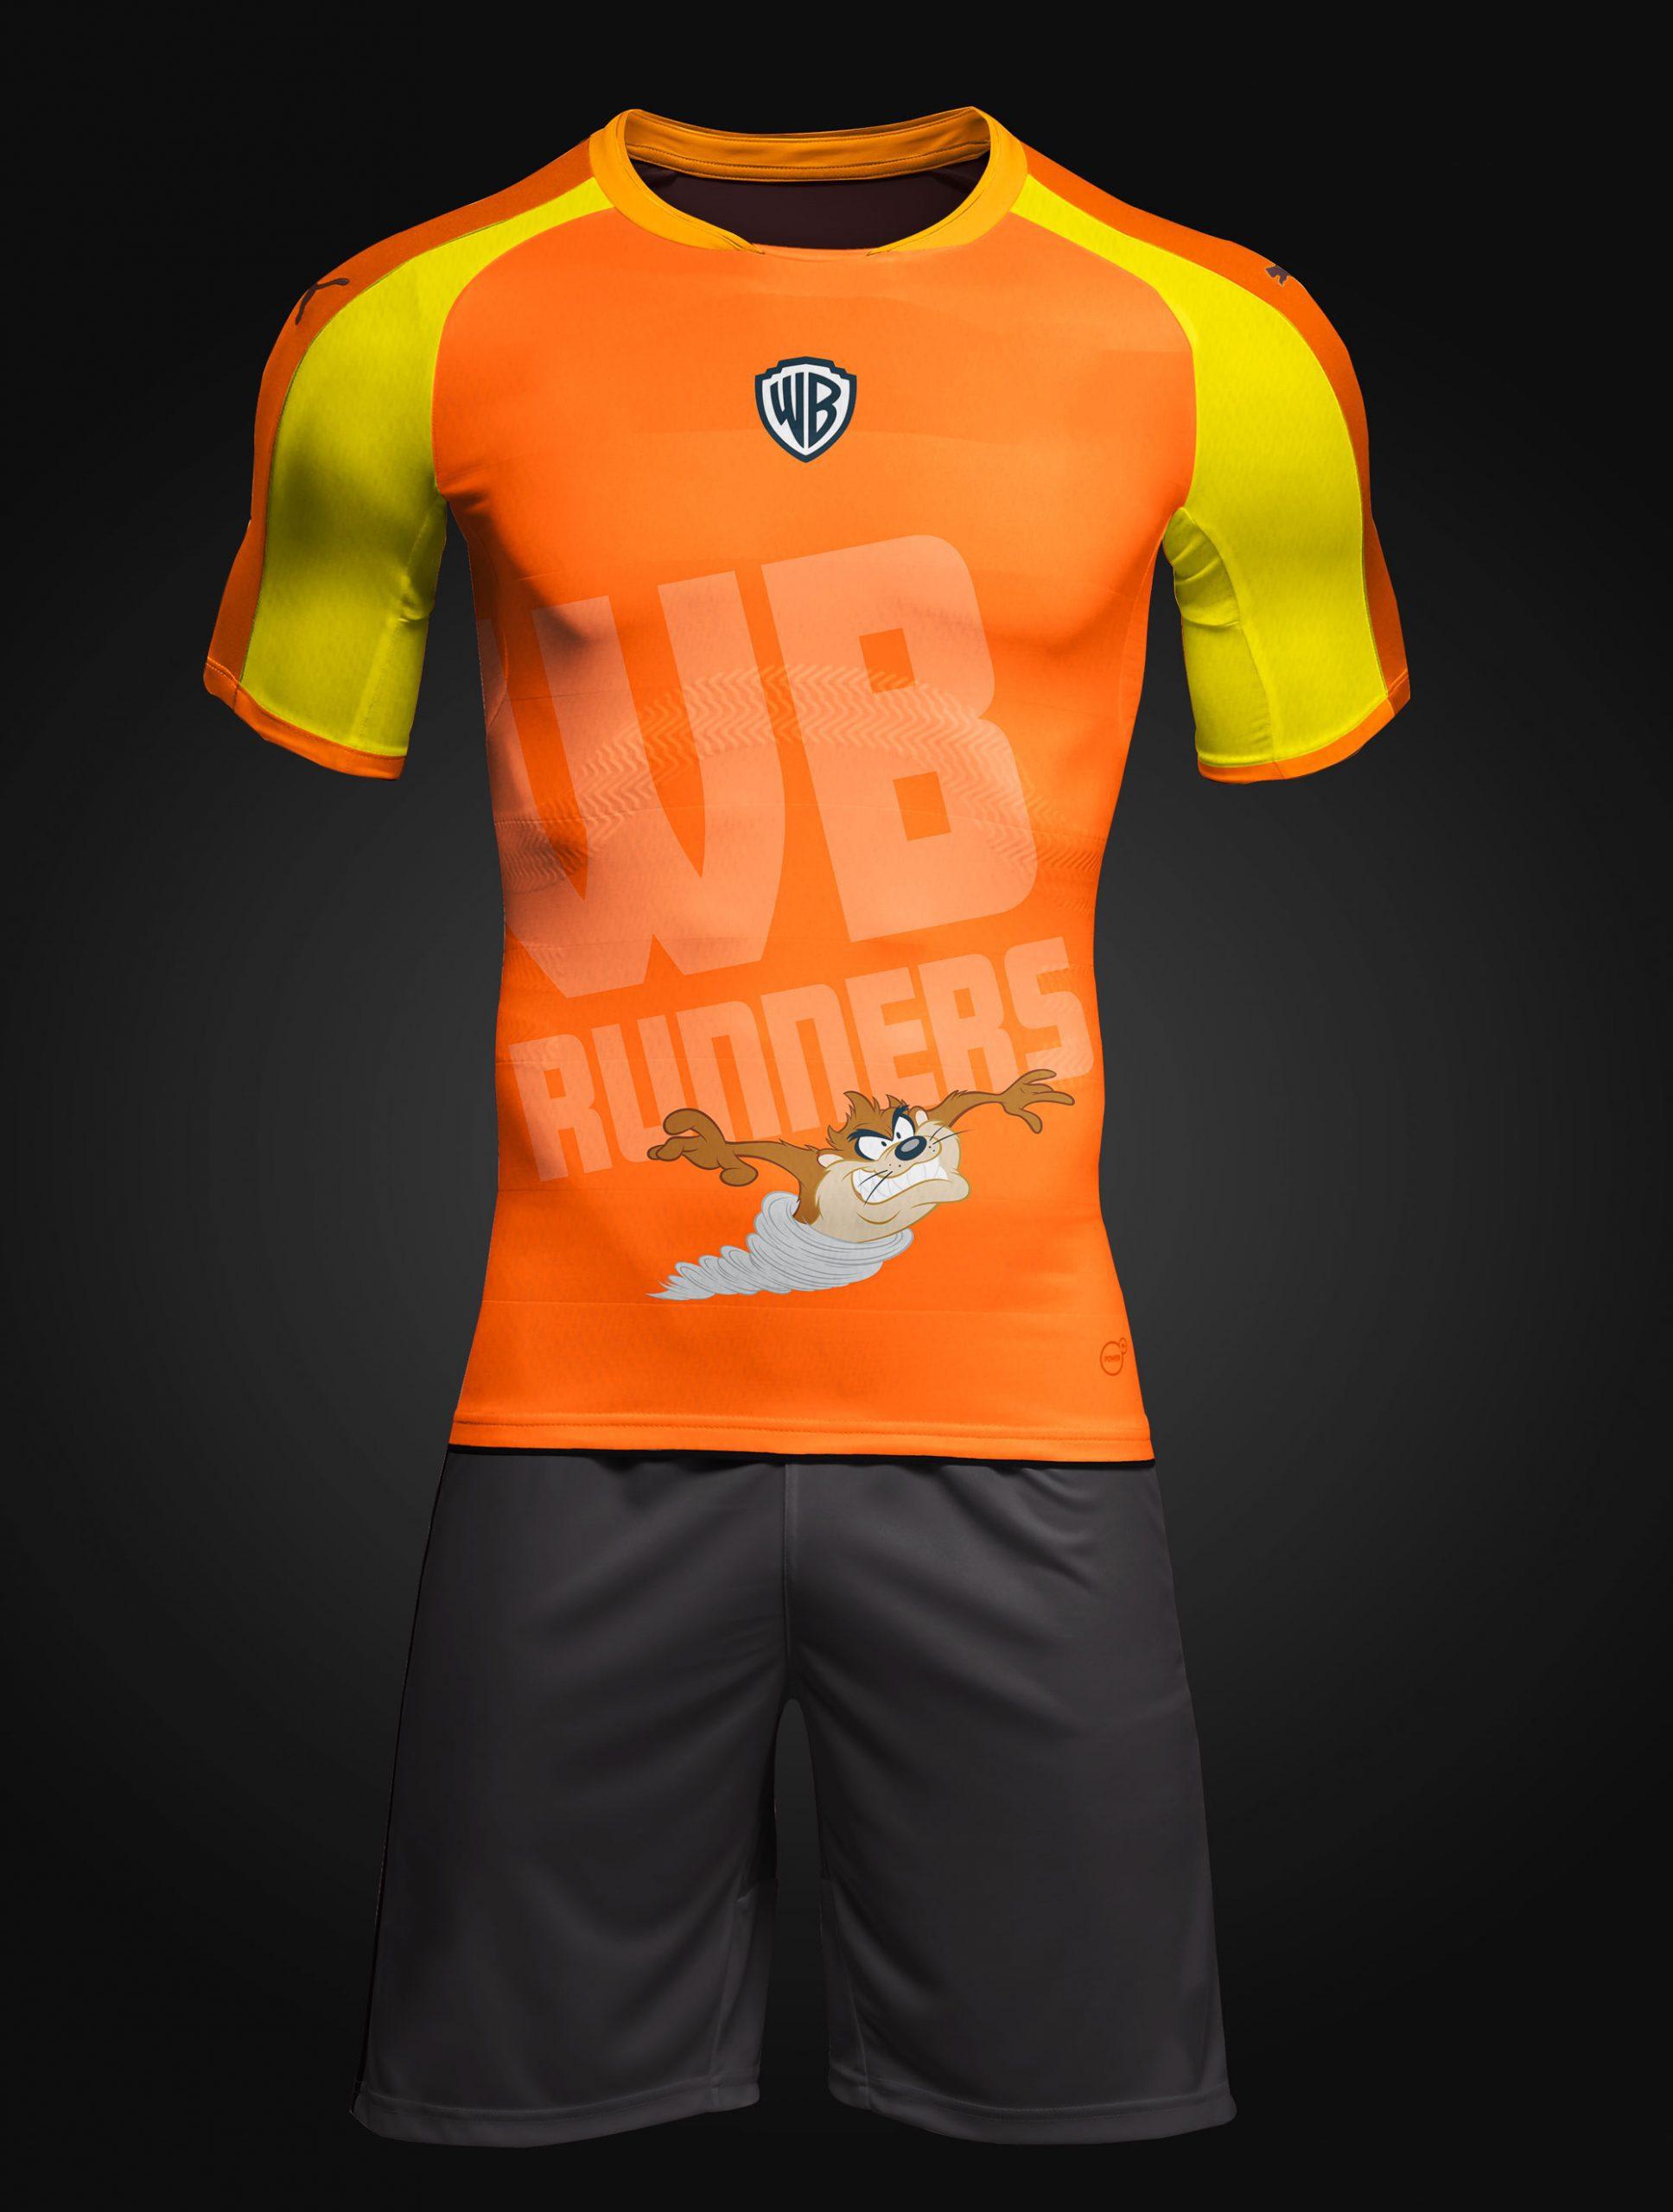 camiseta-de-corrida-WB-Runners_01-qpix-creative-minds